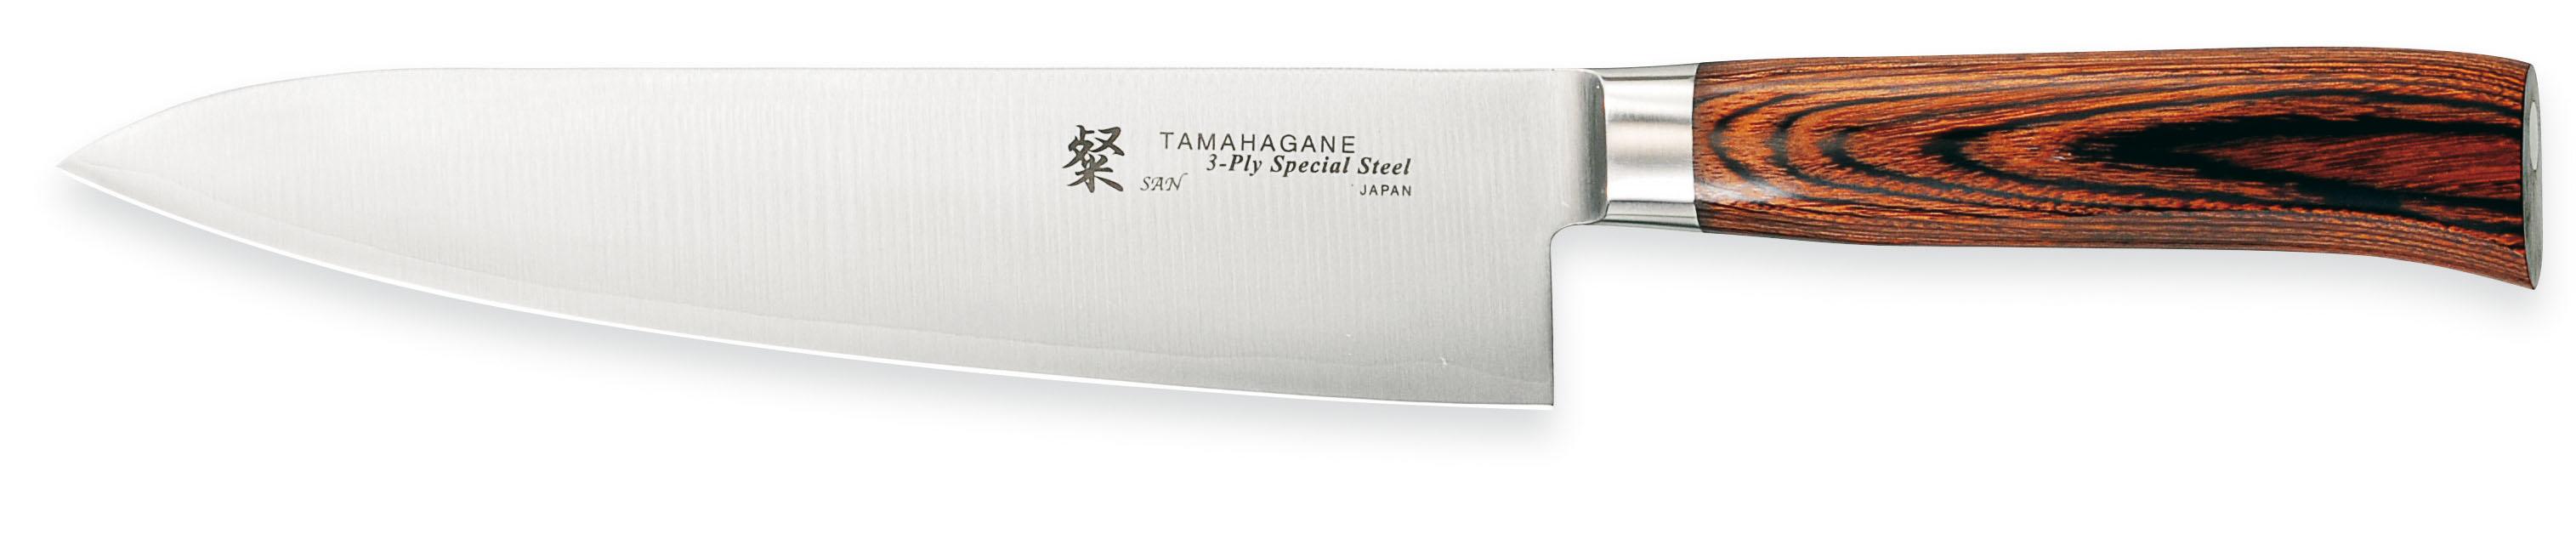 Tamahagane SAN Kokkekniv 21 cm